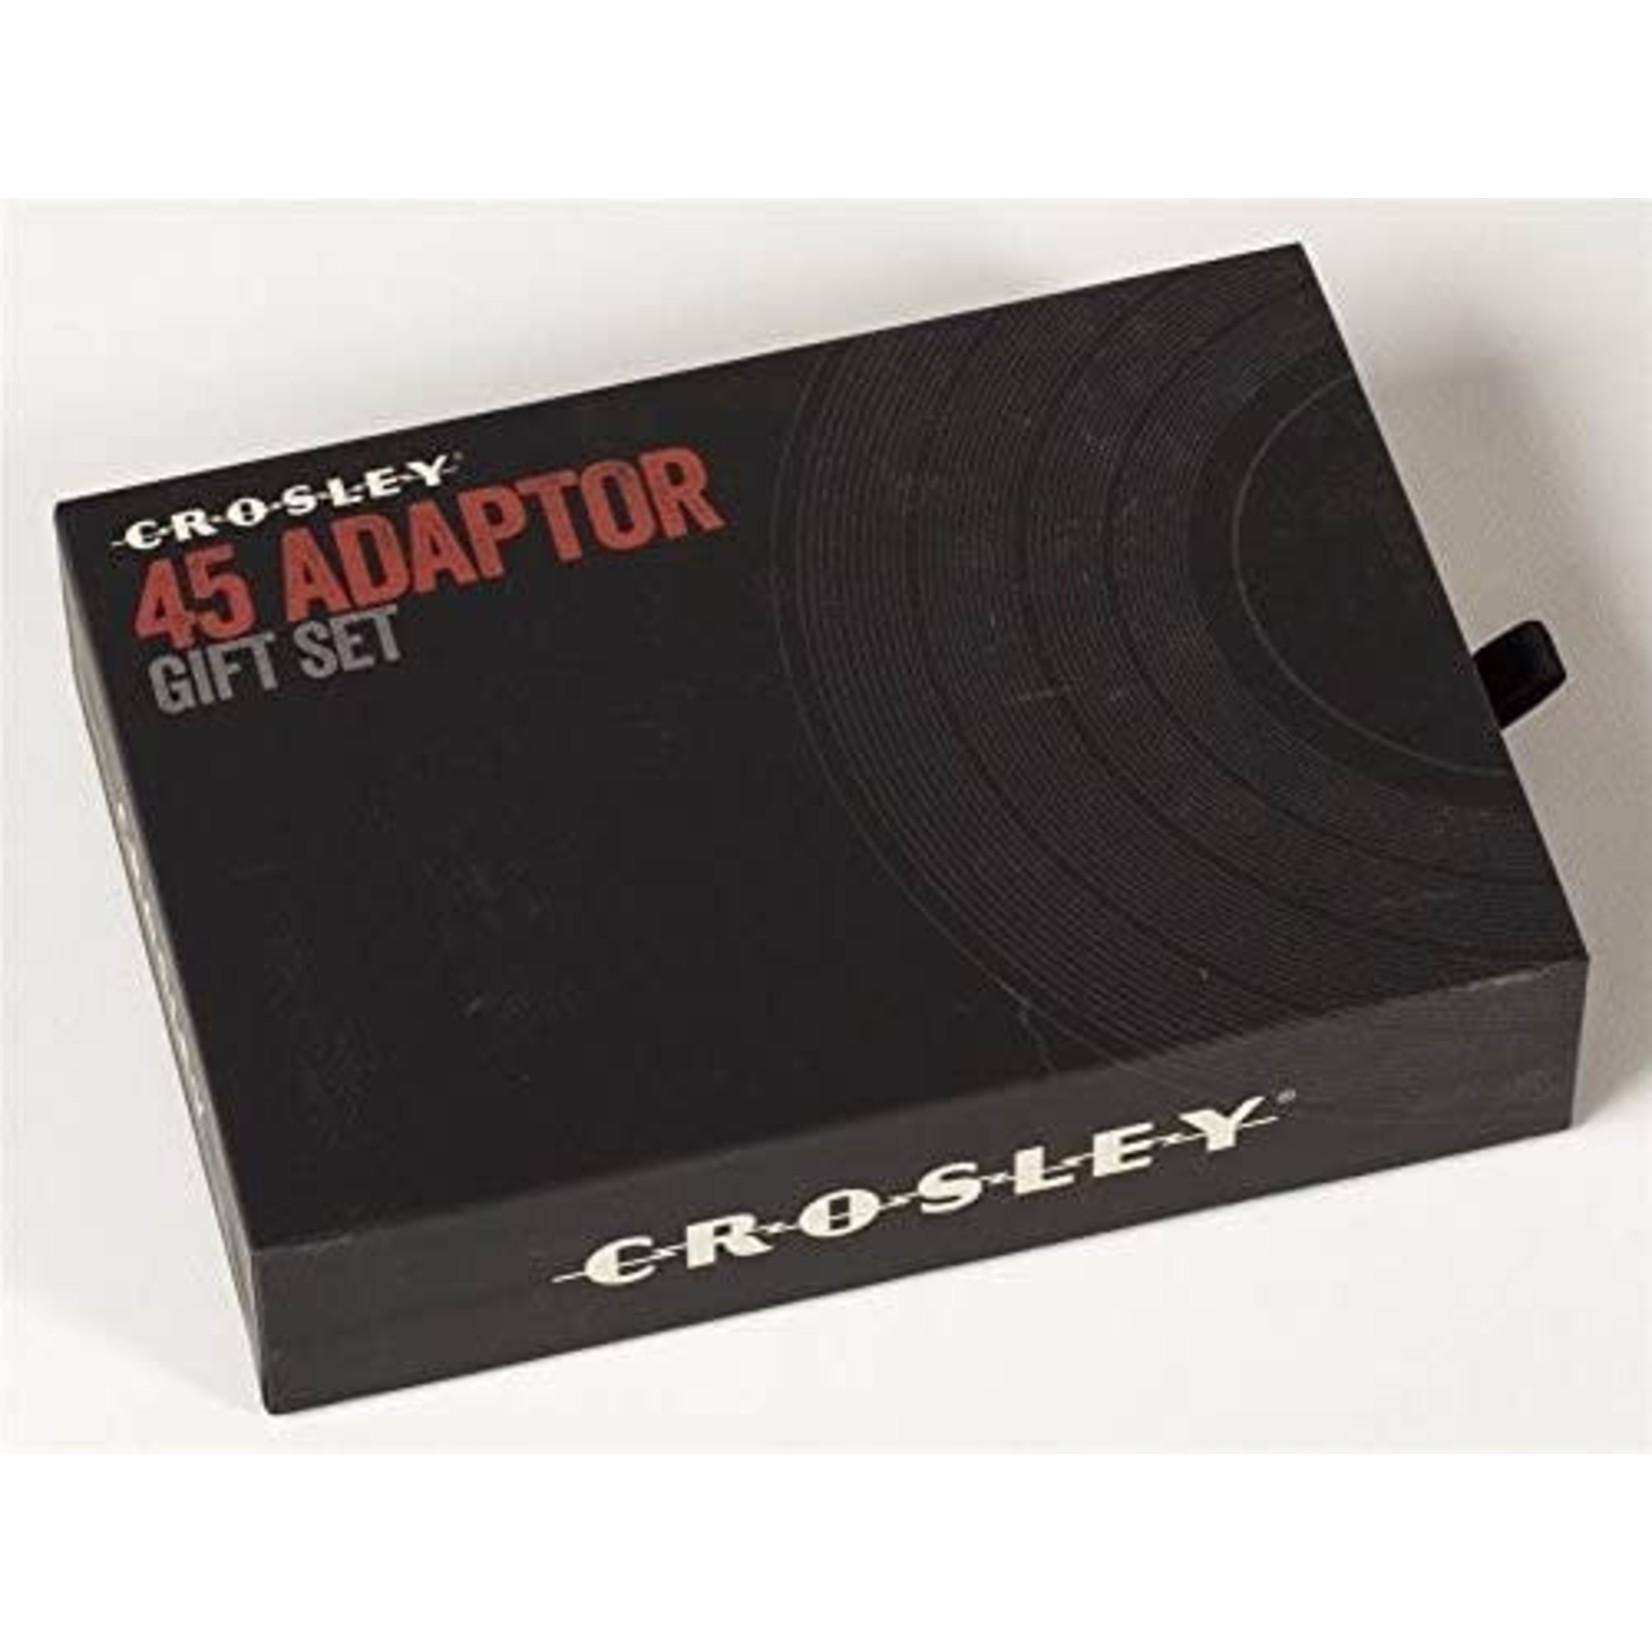 CROSLEY 45 ADAPTOR GIFT SET